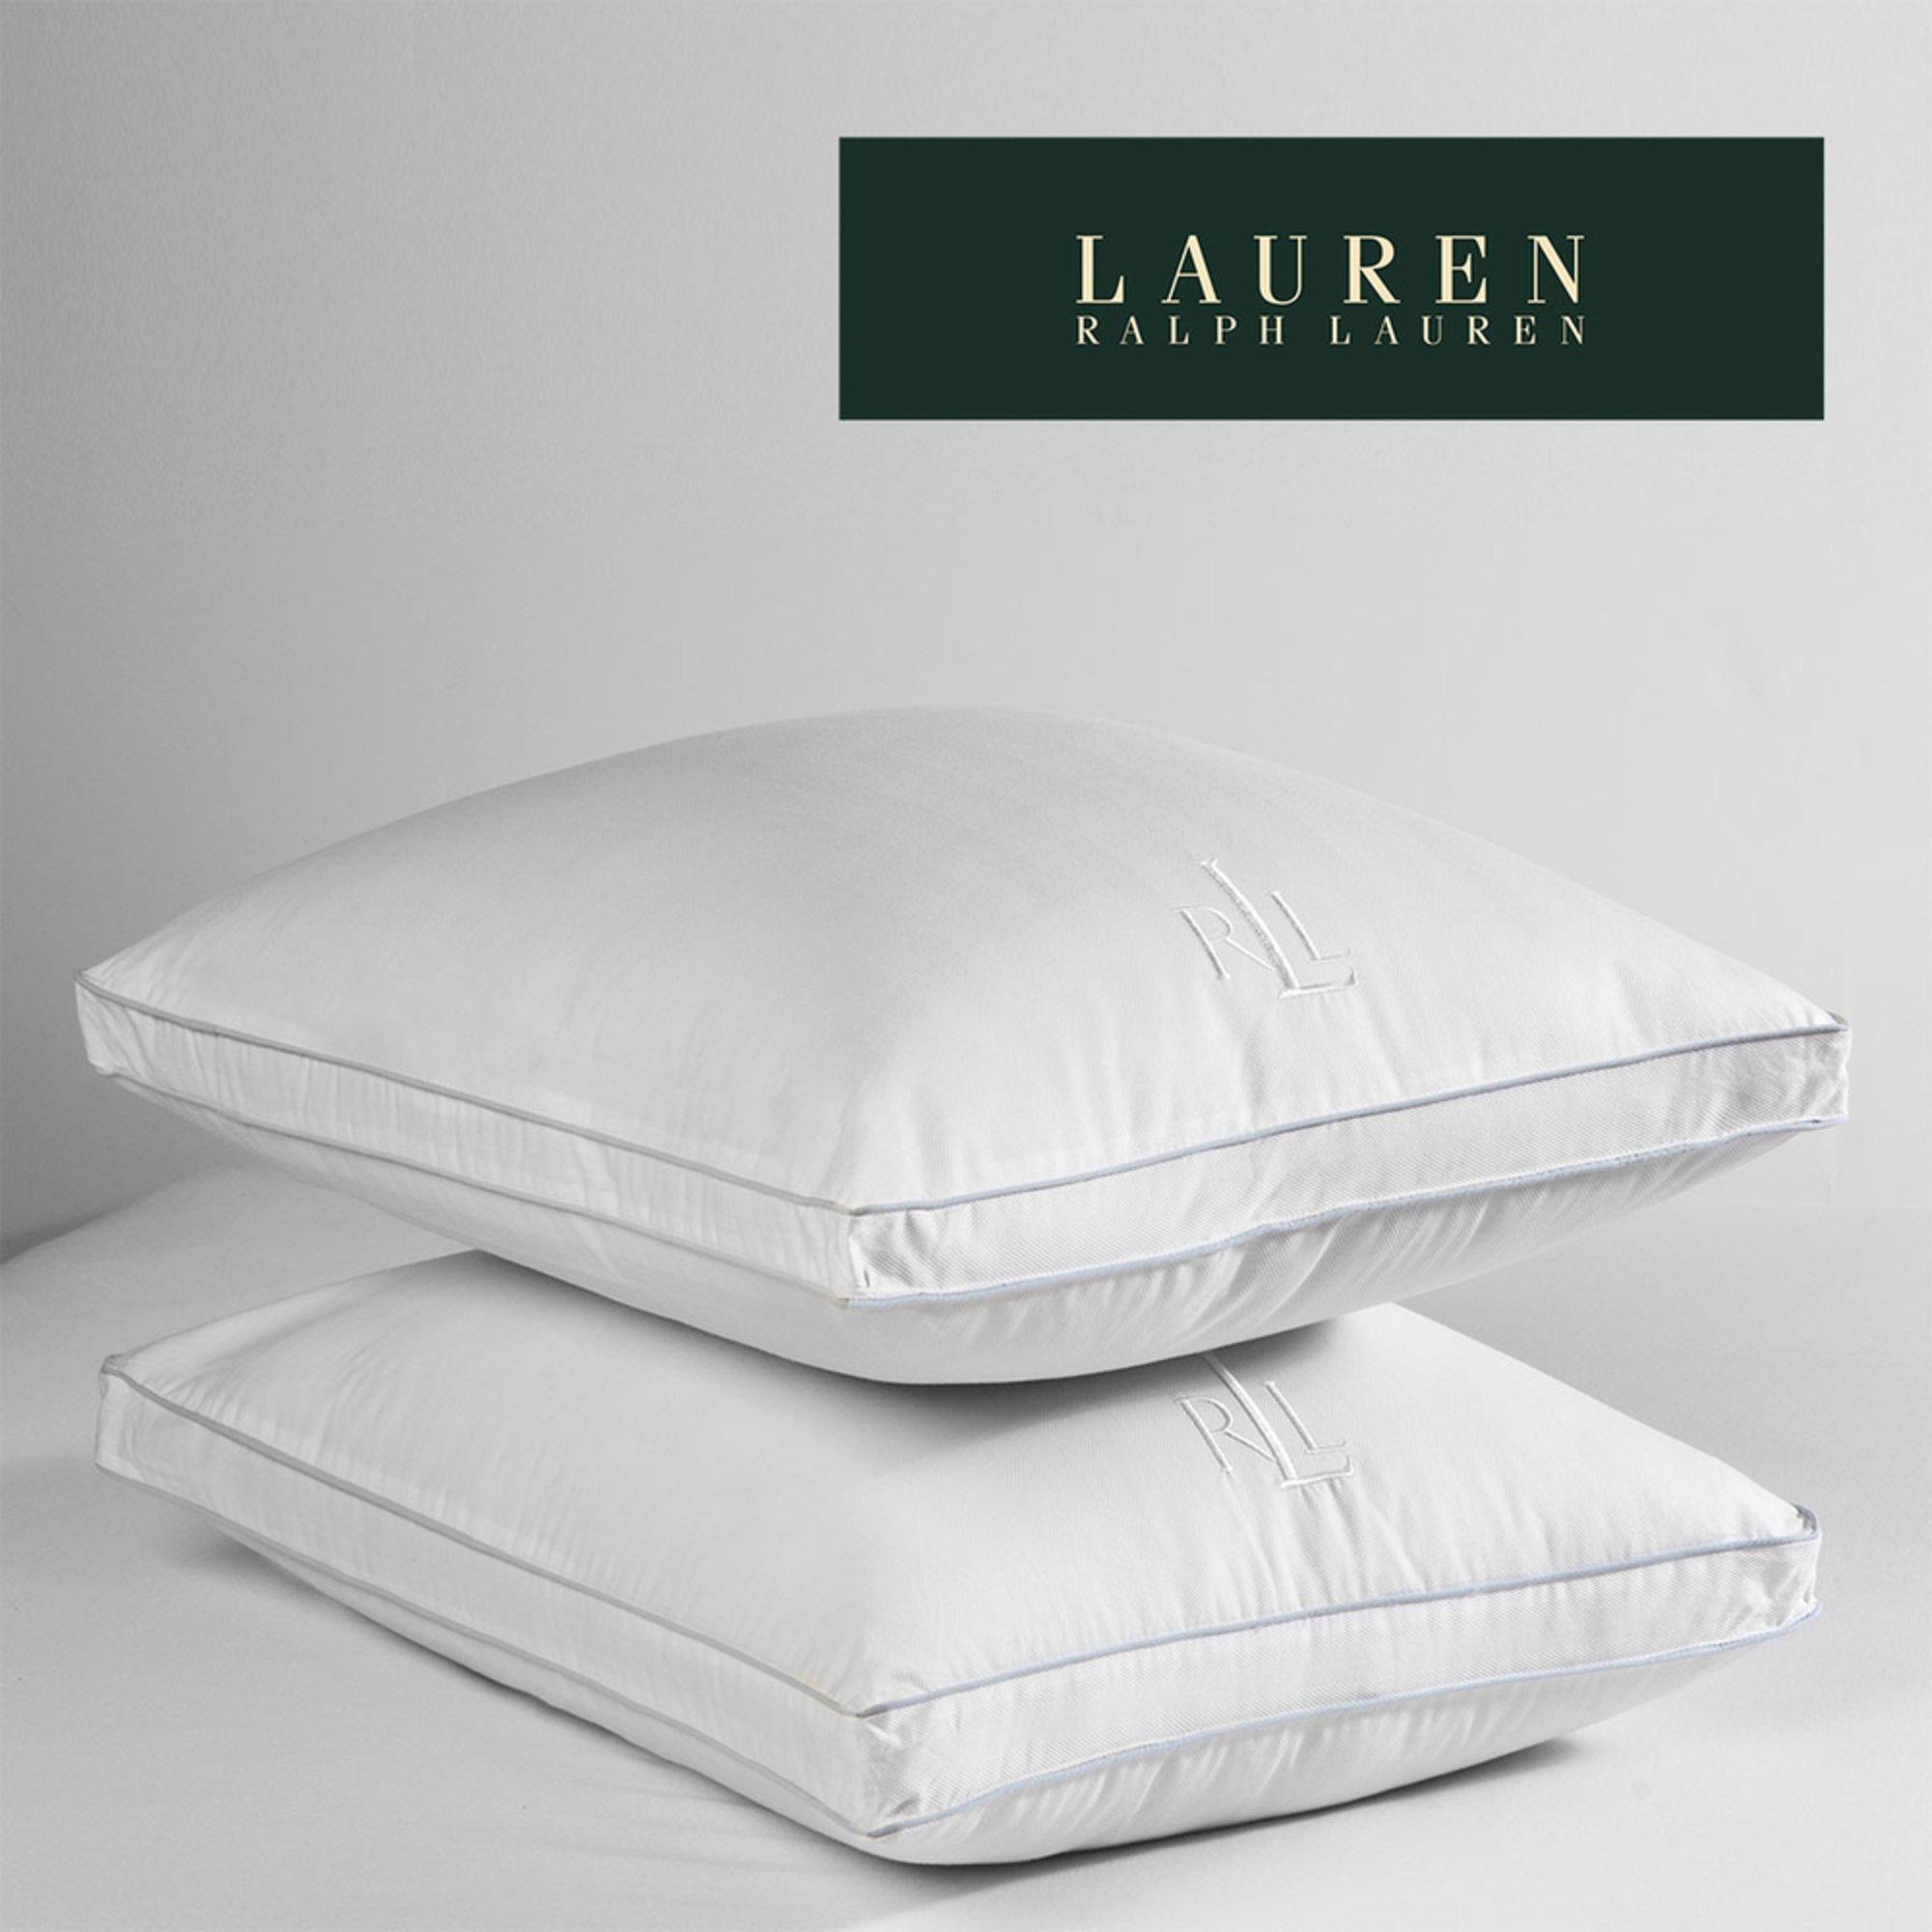 Ralph lauren lawton extra firm pillow standard bed for Bed pillows reviews